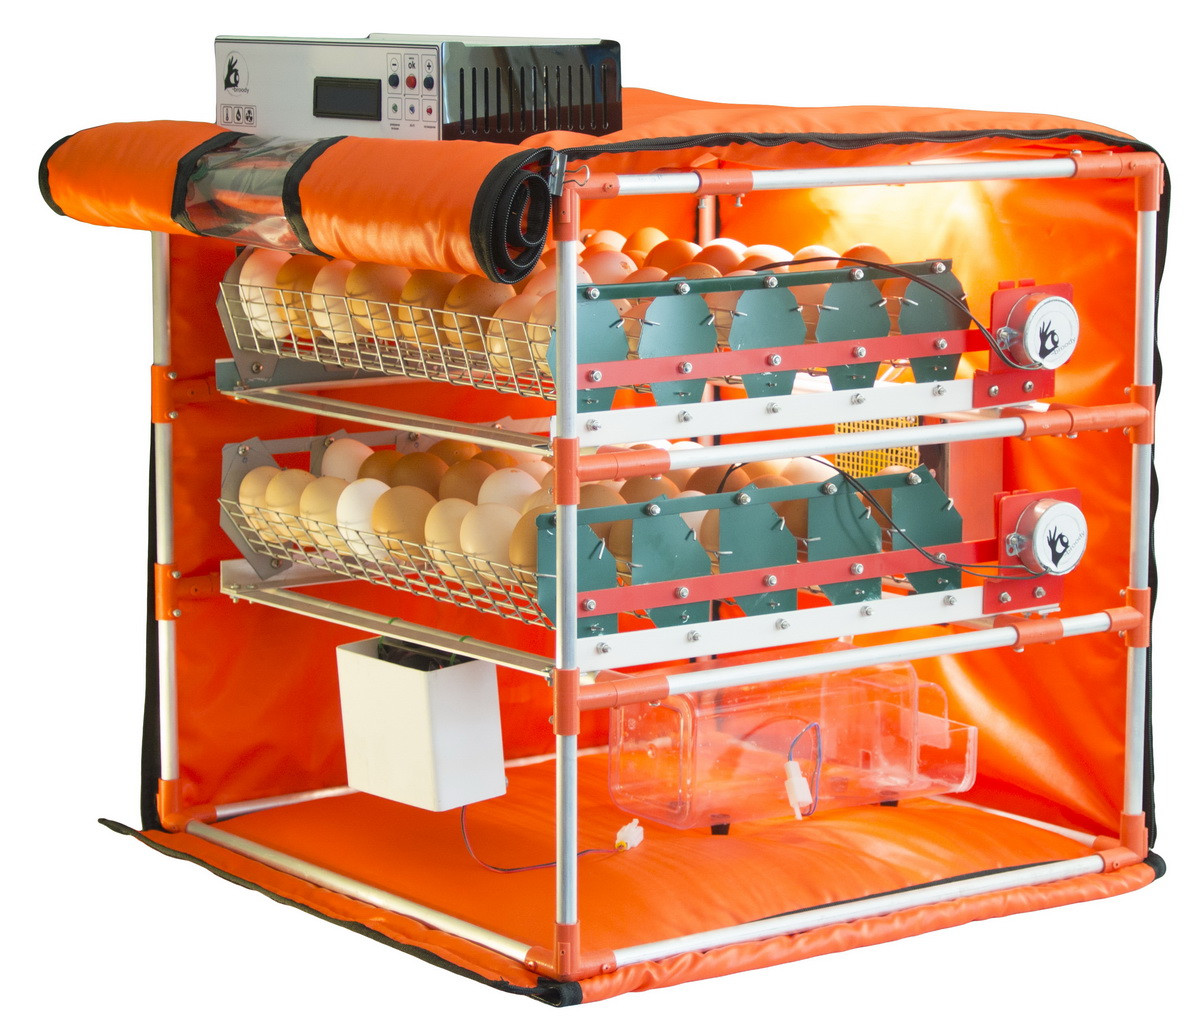 Автоматический инкубатор-конструктор (220V) на 90 яиц, с увлажнителем,  WI-FI, автопереворотом